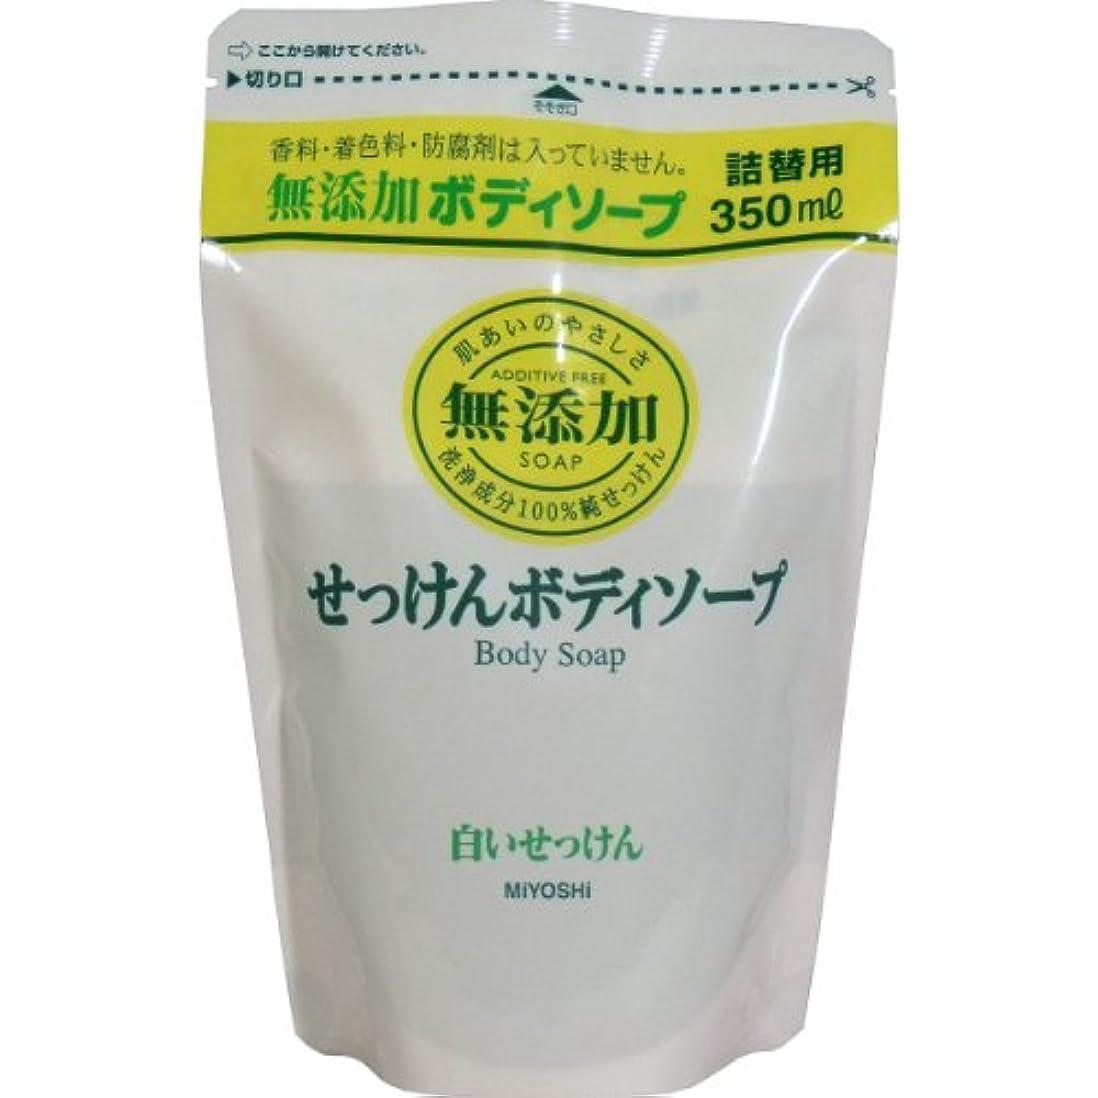 鼻抵抗する冷蔵庫ミヨシ 無添加 ボディソープ 白い石けん つめかえ用 350ml(無添加石鹸) x 10個セット